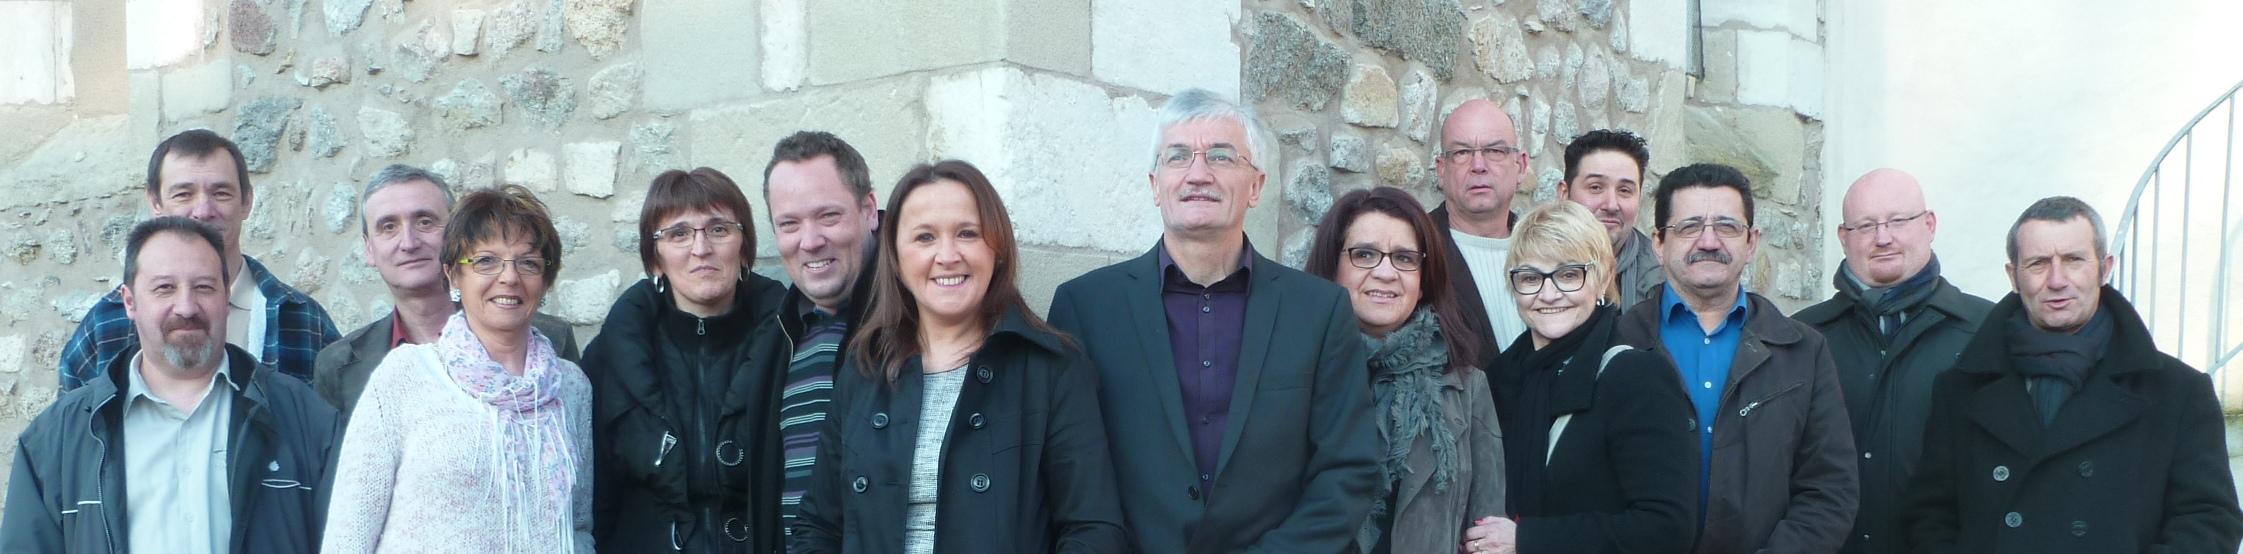 lequipe-municipale-2014-2020